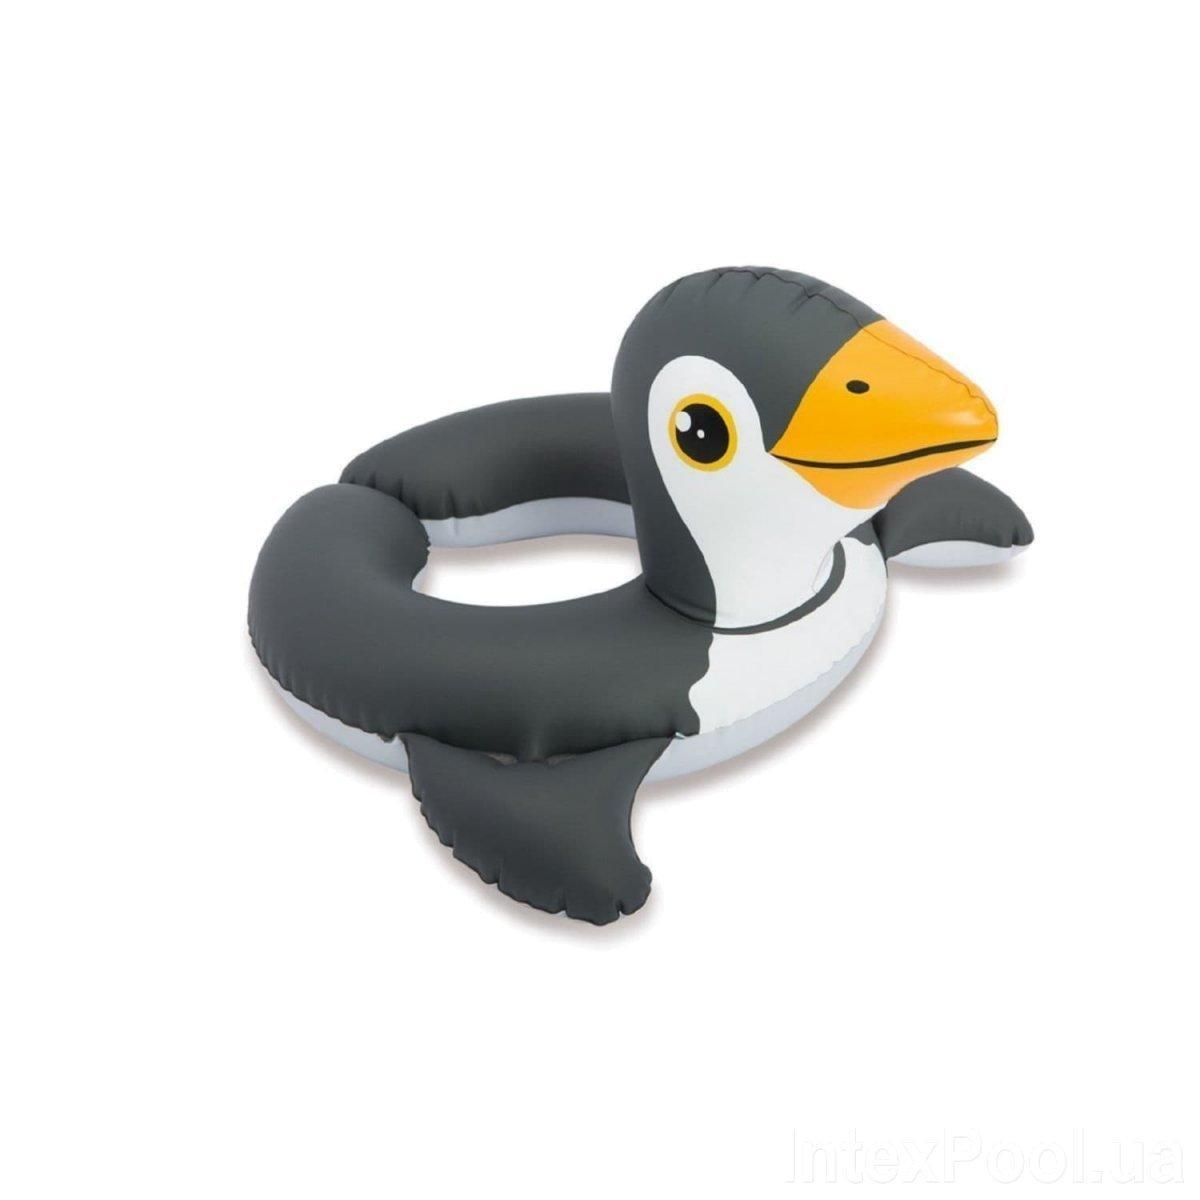 Круг надувной безразмерный Intex 59220 «Пингвин», 64 х 64 см